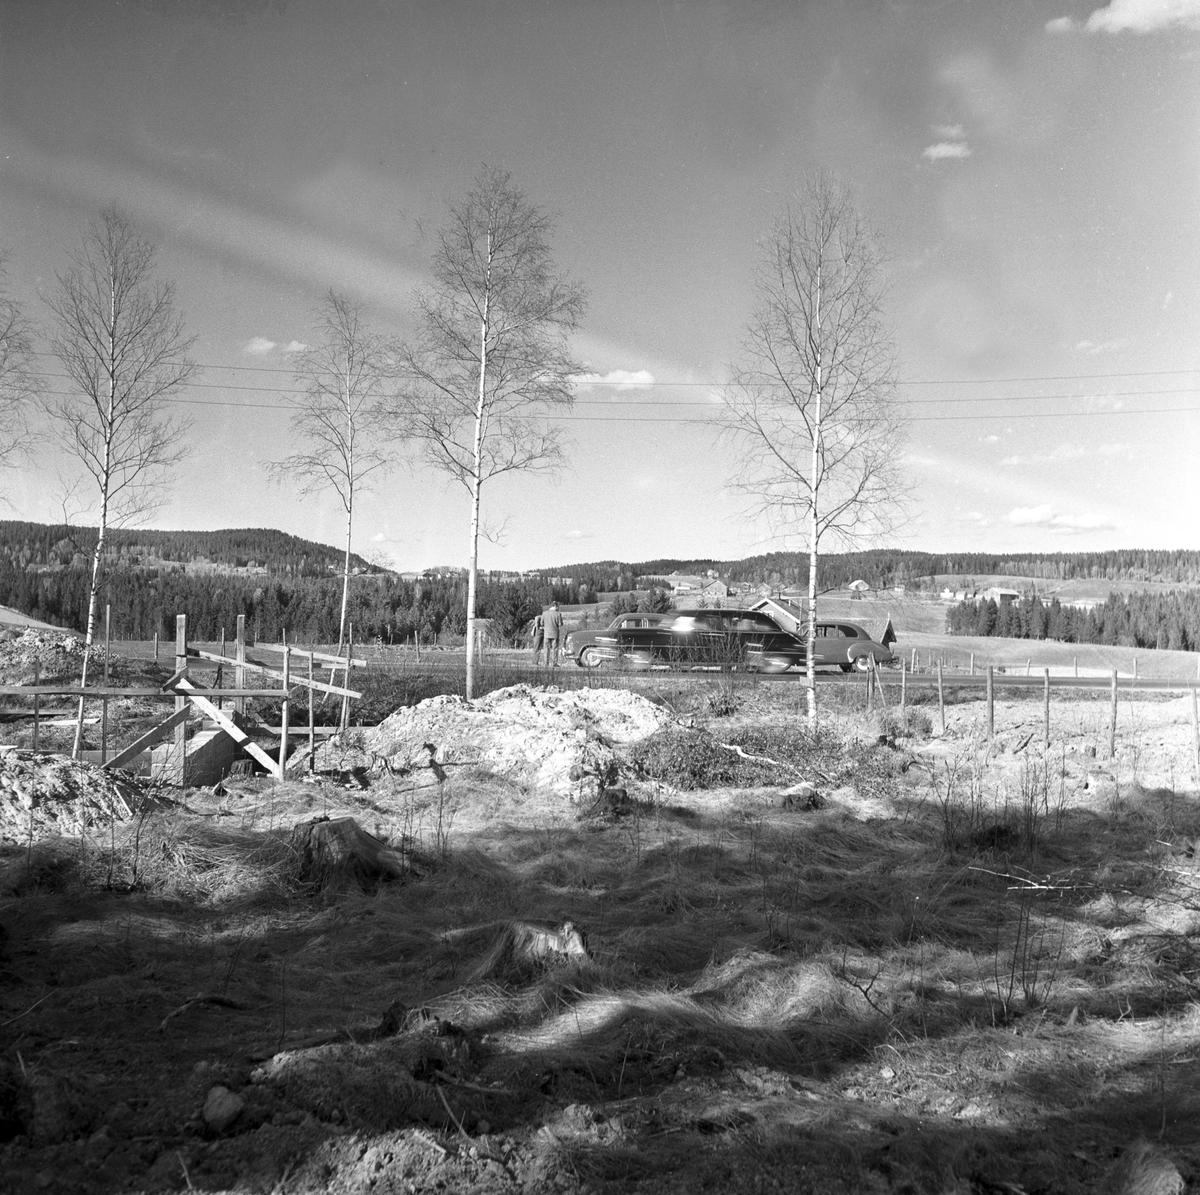 Serie. Ny motorvei fra Oslo til Gardermoen, ant. sett fra en mindre vei.